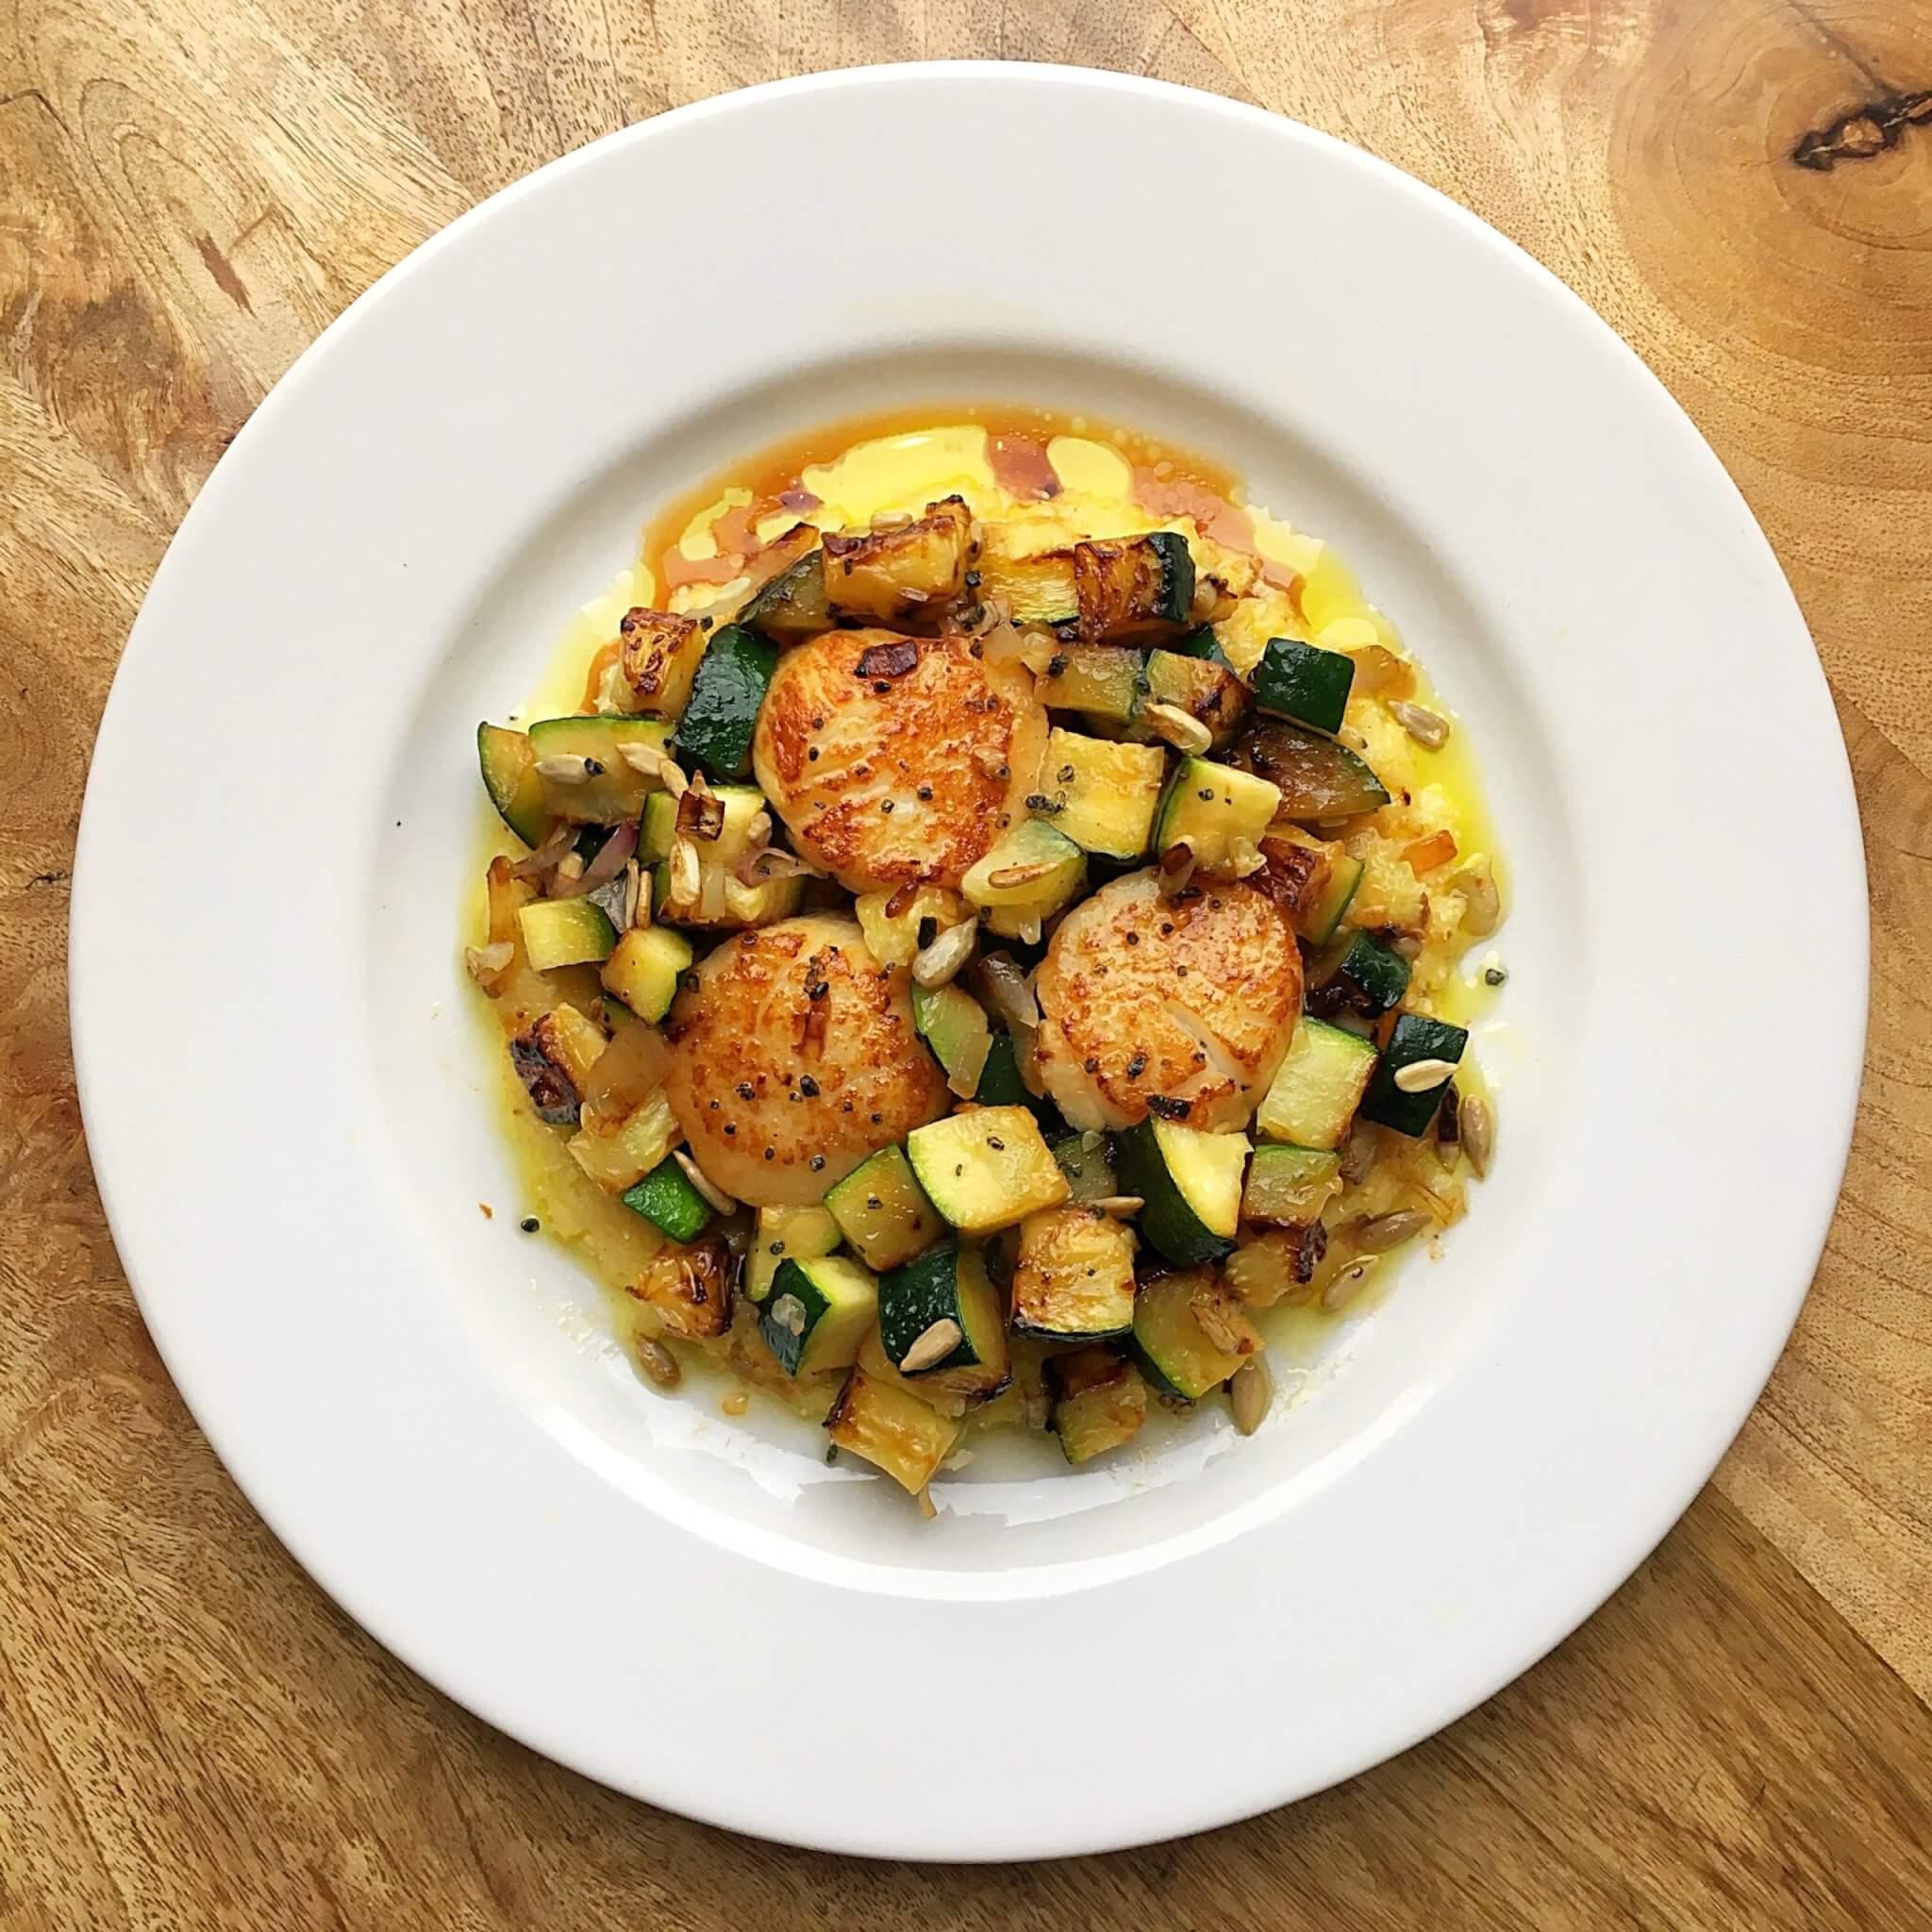 Scallop and Zucchini Feature